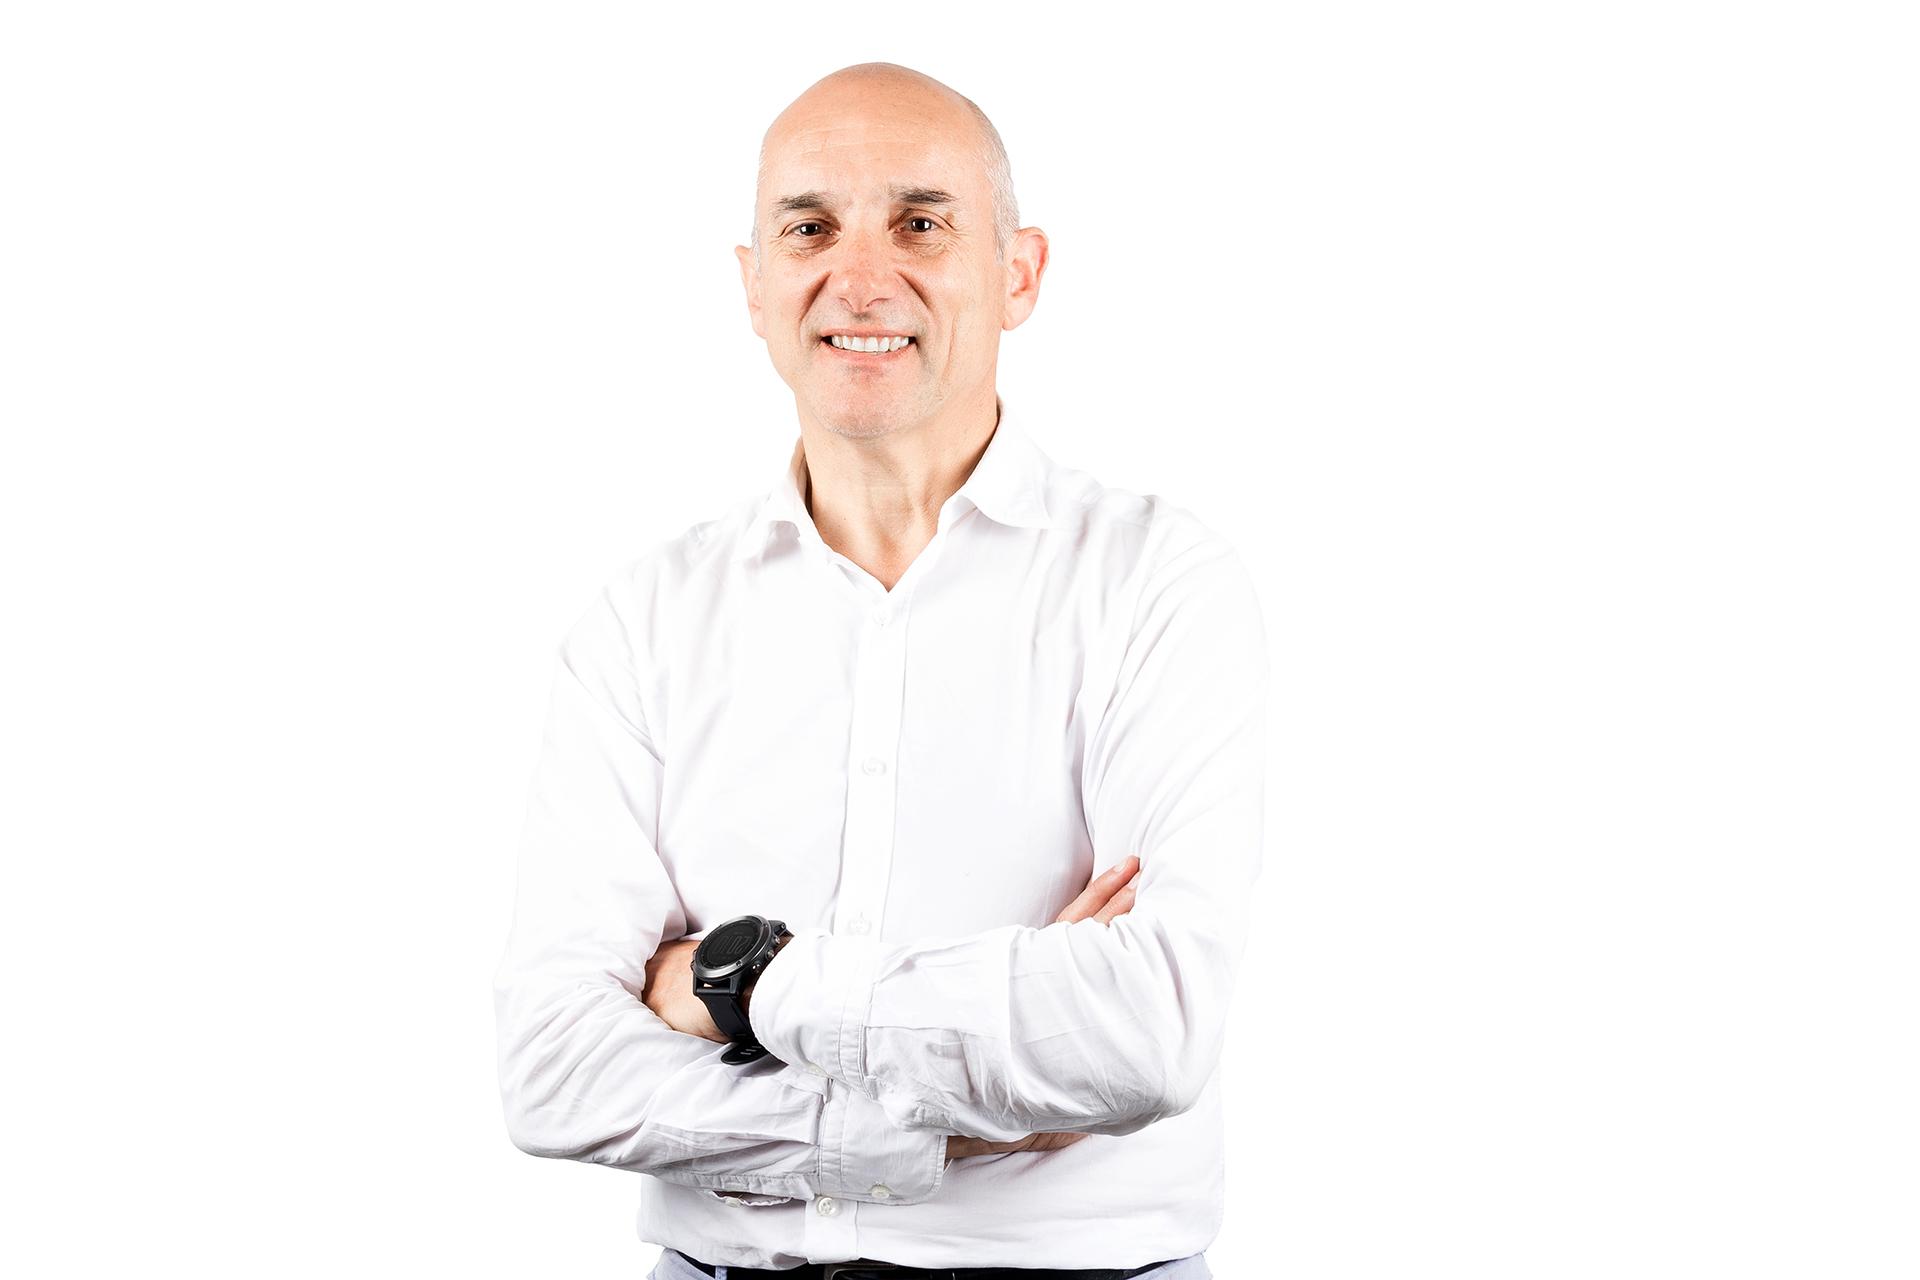 José Costa